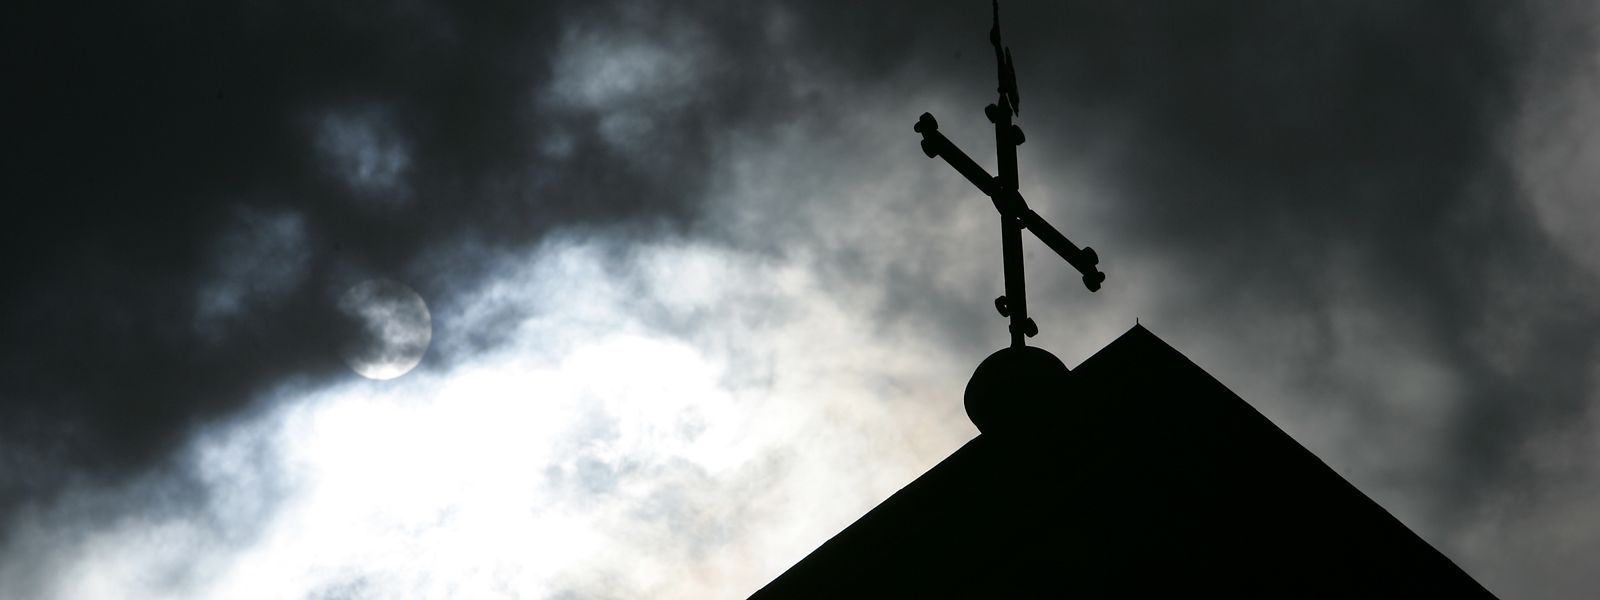 Eine Studie beweist massiven Missbrauch in katholischer Kirche.